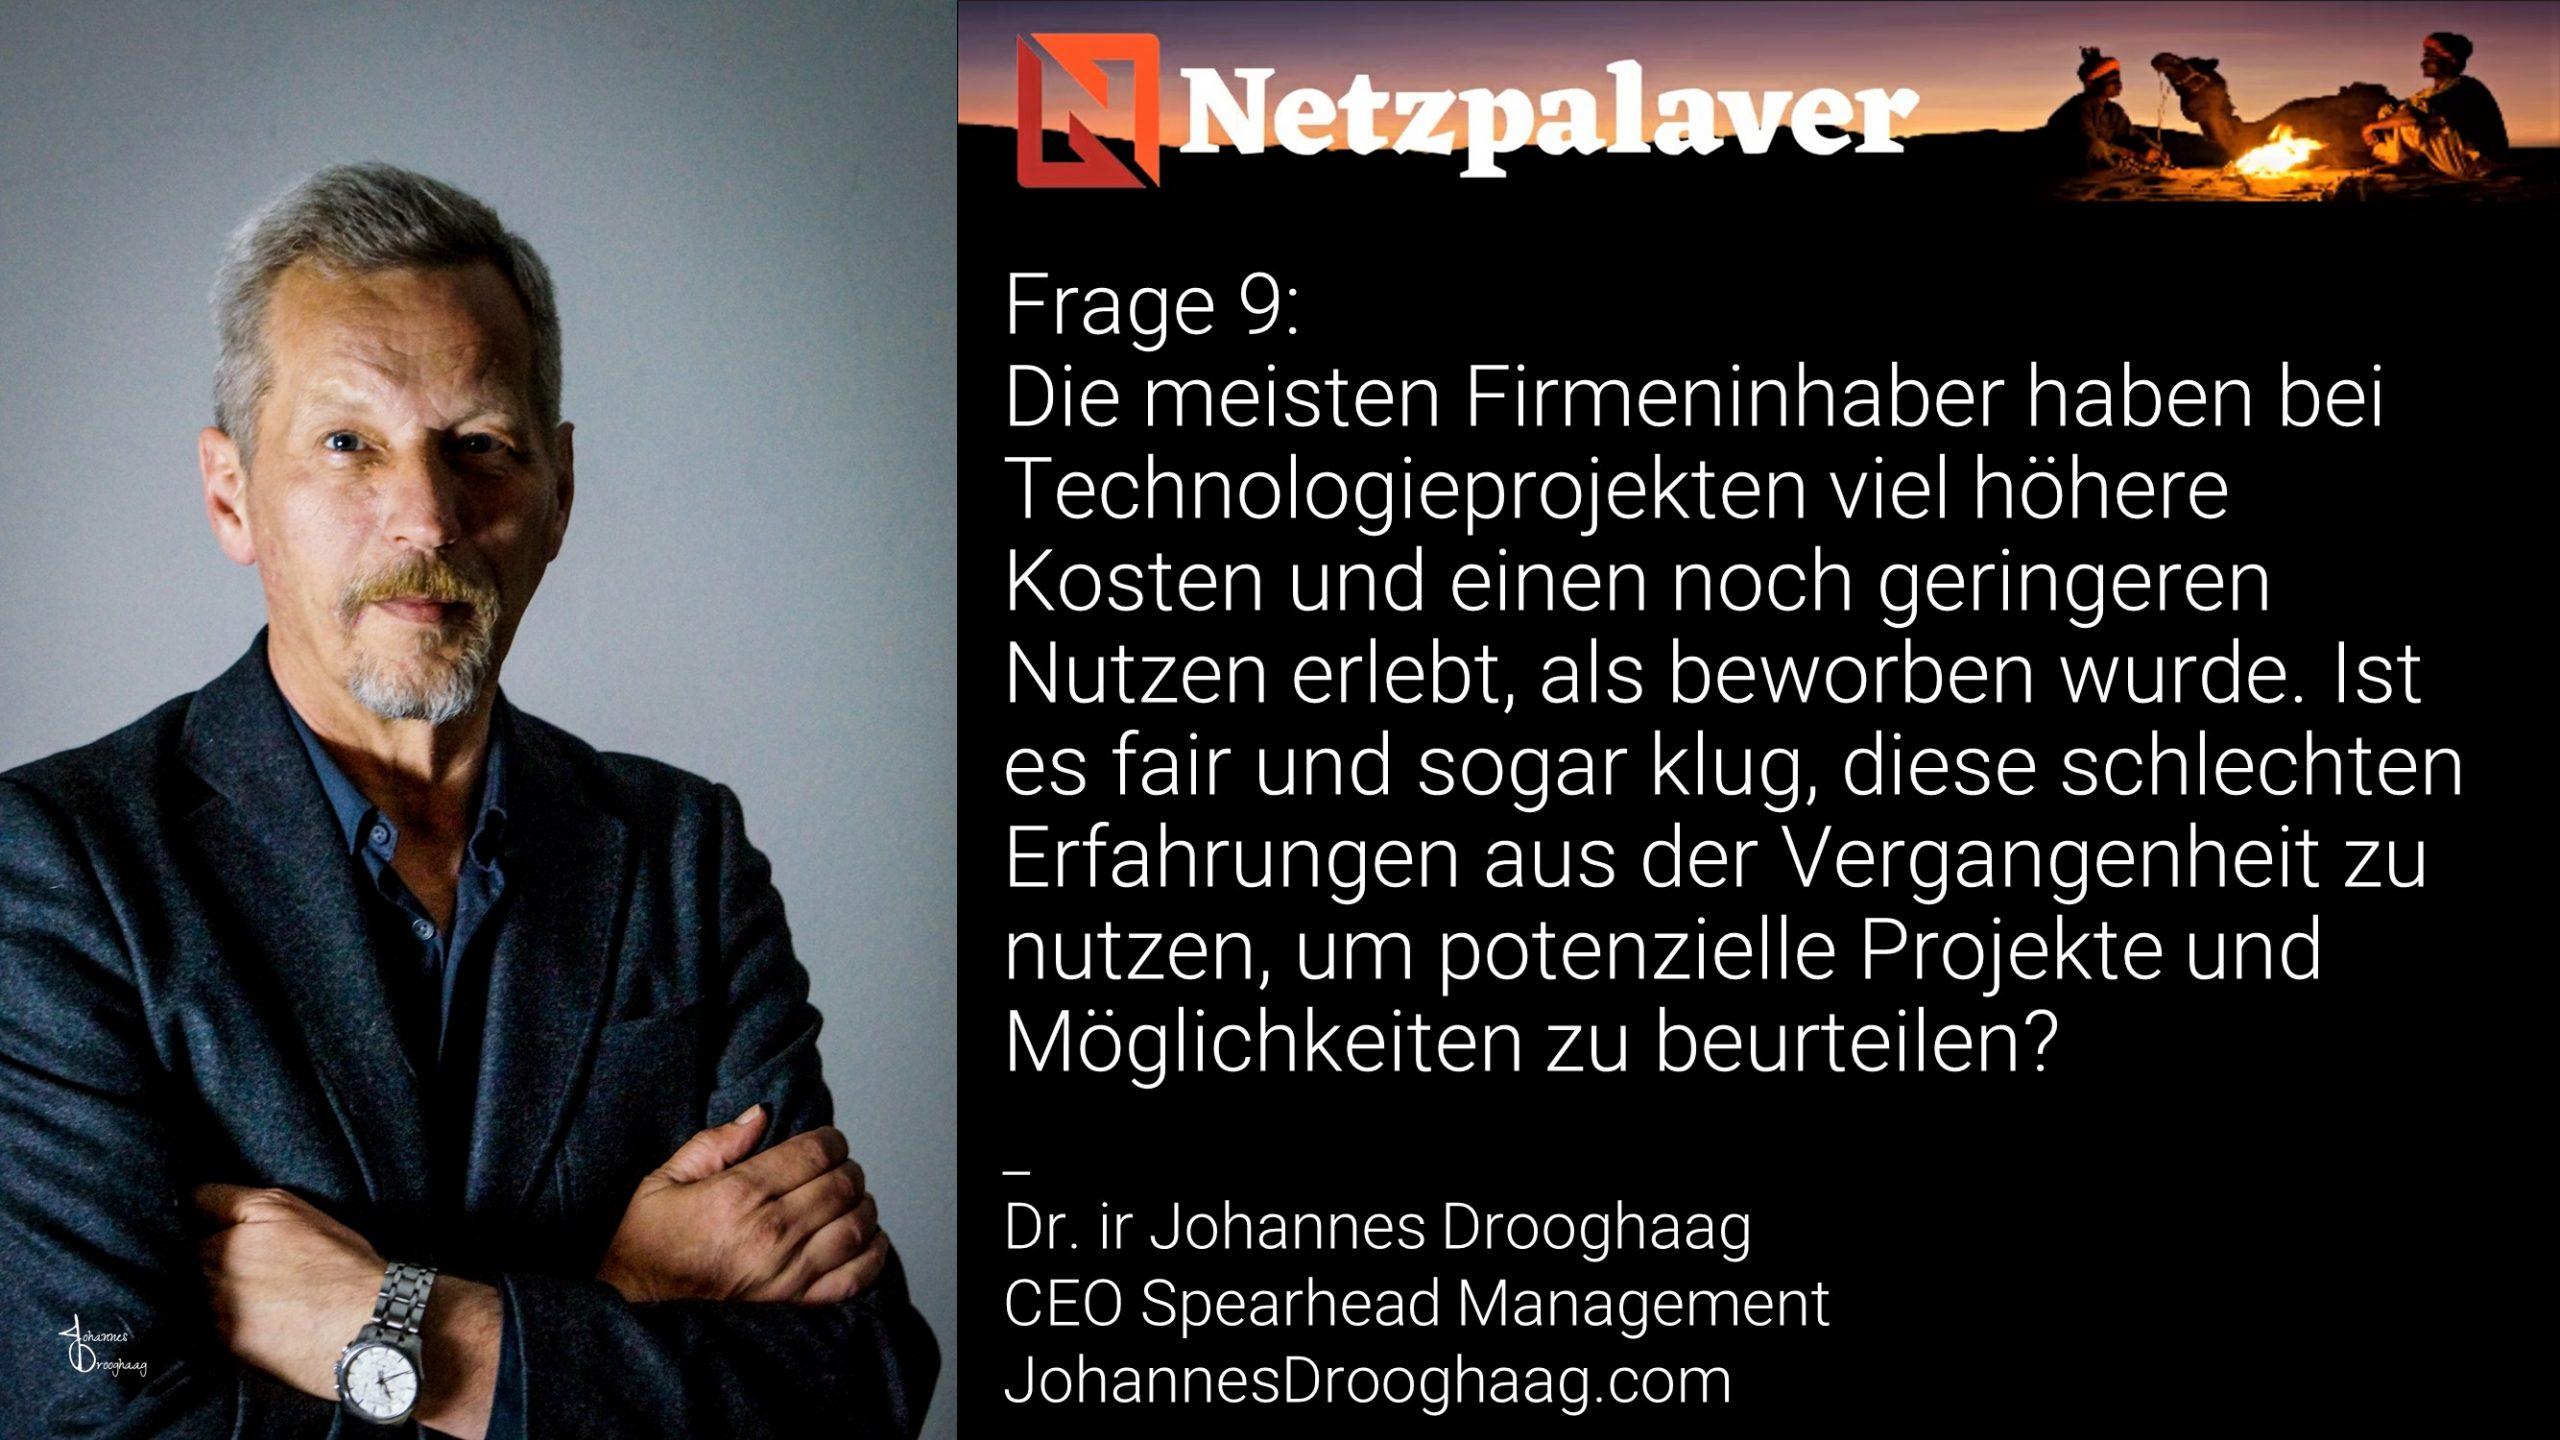 Netzpalaver: Mittelstand und Digitalisierung - Frage 9